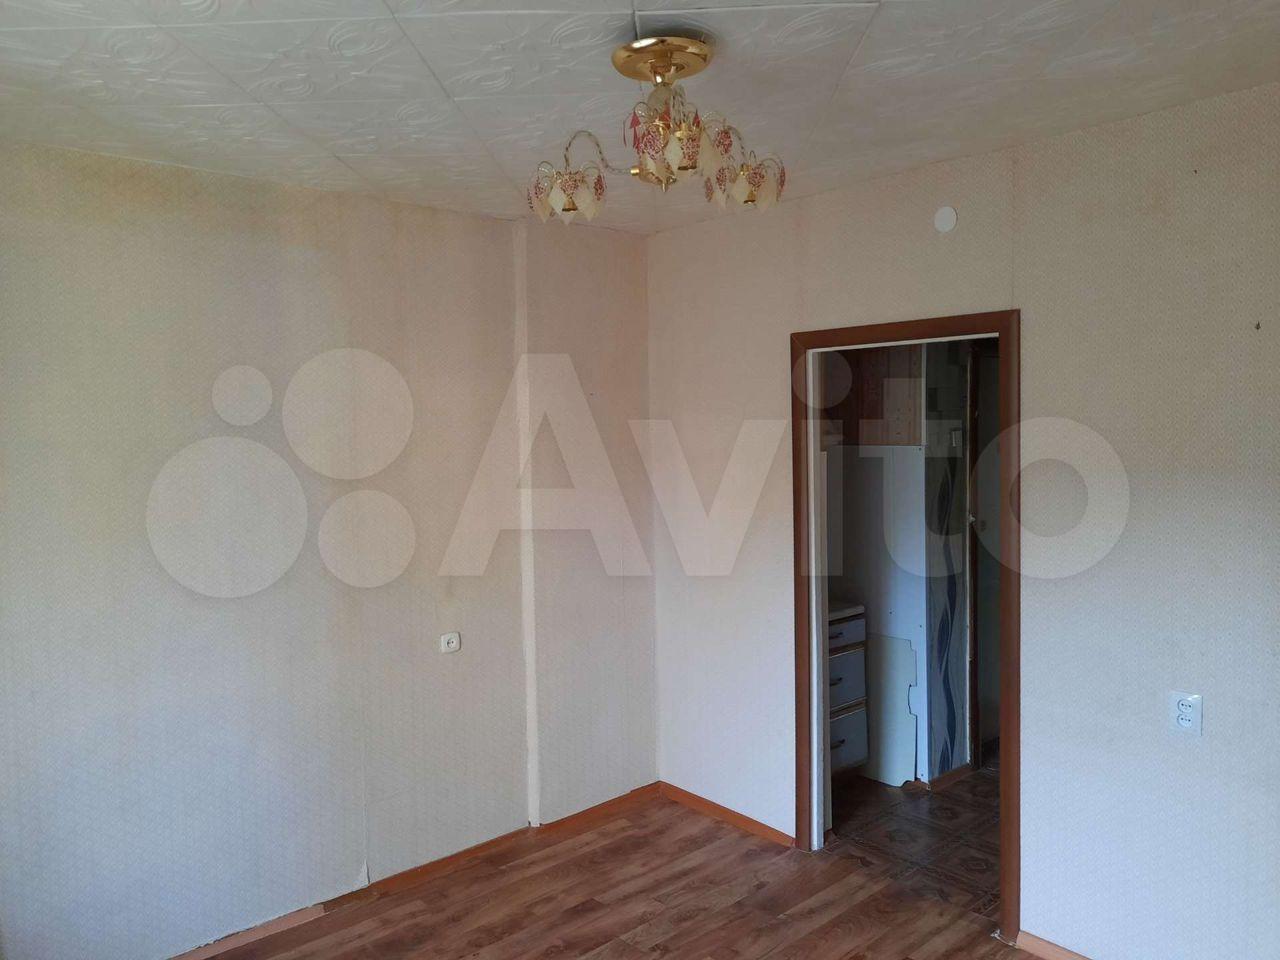 1-к квартира, 18 м², 3/5 эт.  89033487388 купить 3